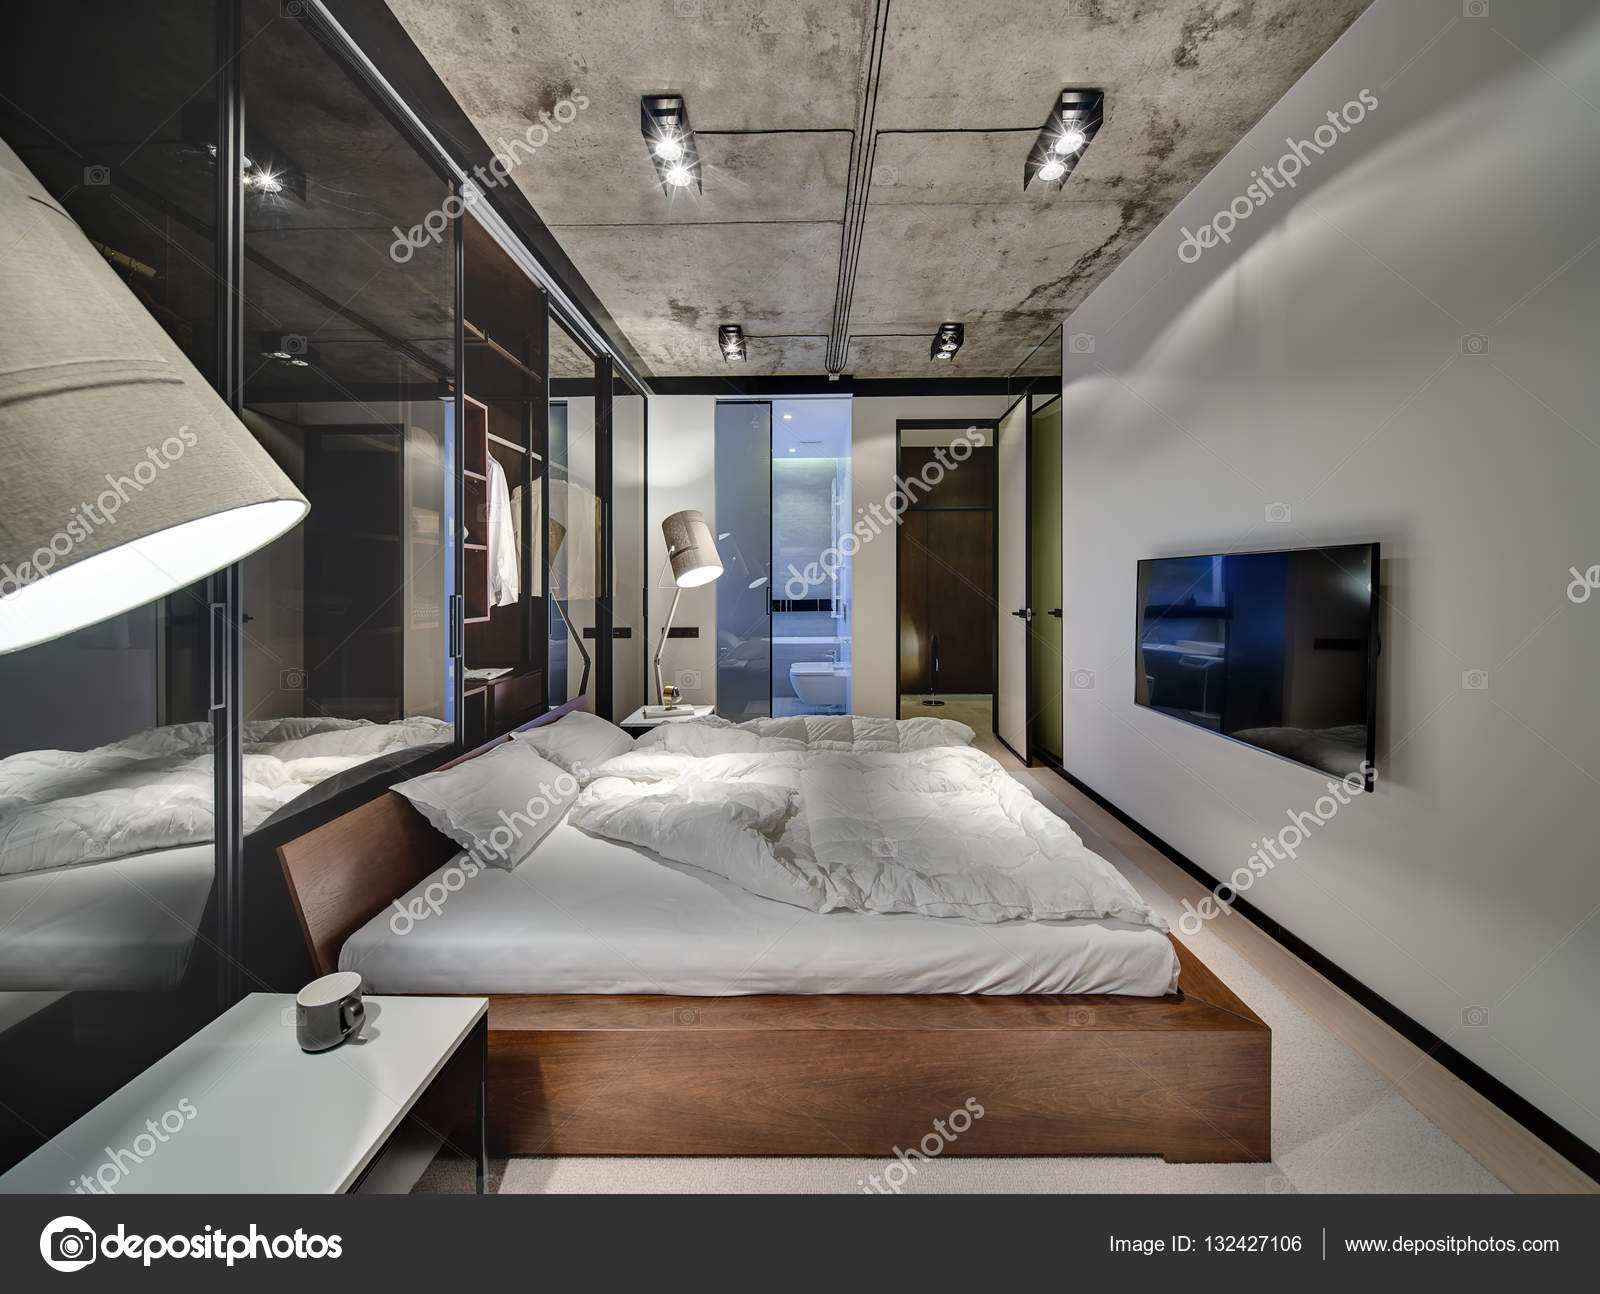 Sypialnia W Stylu Loft Zdjęcie Stockowe Bezikus 132427106